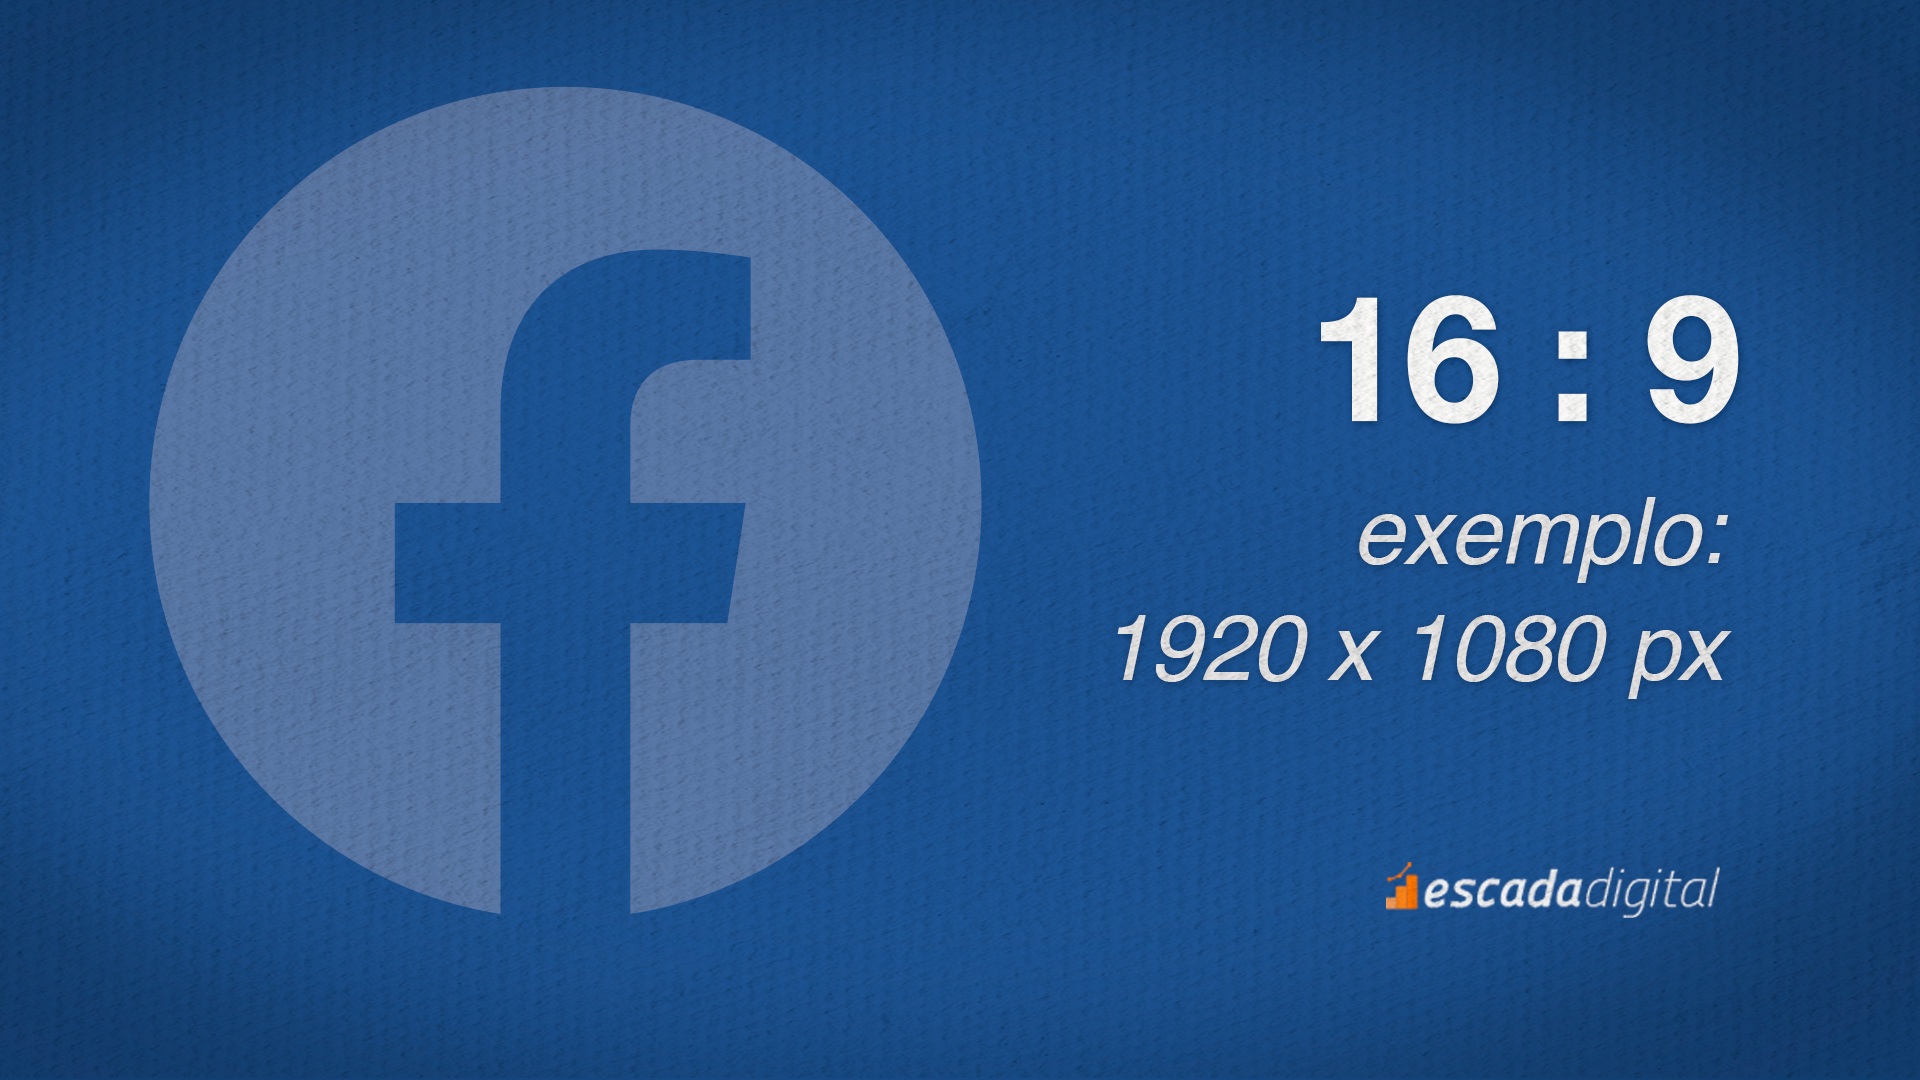 Formato de vídeo do Facebook para o Feed. 16 por 9 de proporção. Um exemplo de imagem com esse tamanho seria: 1920 x 1080 px